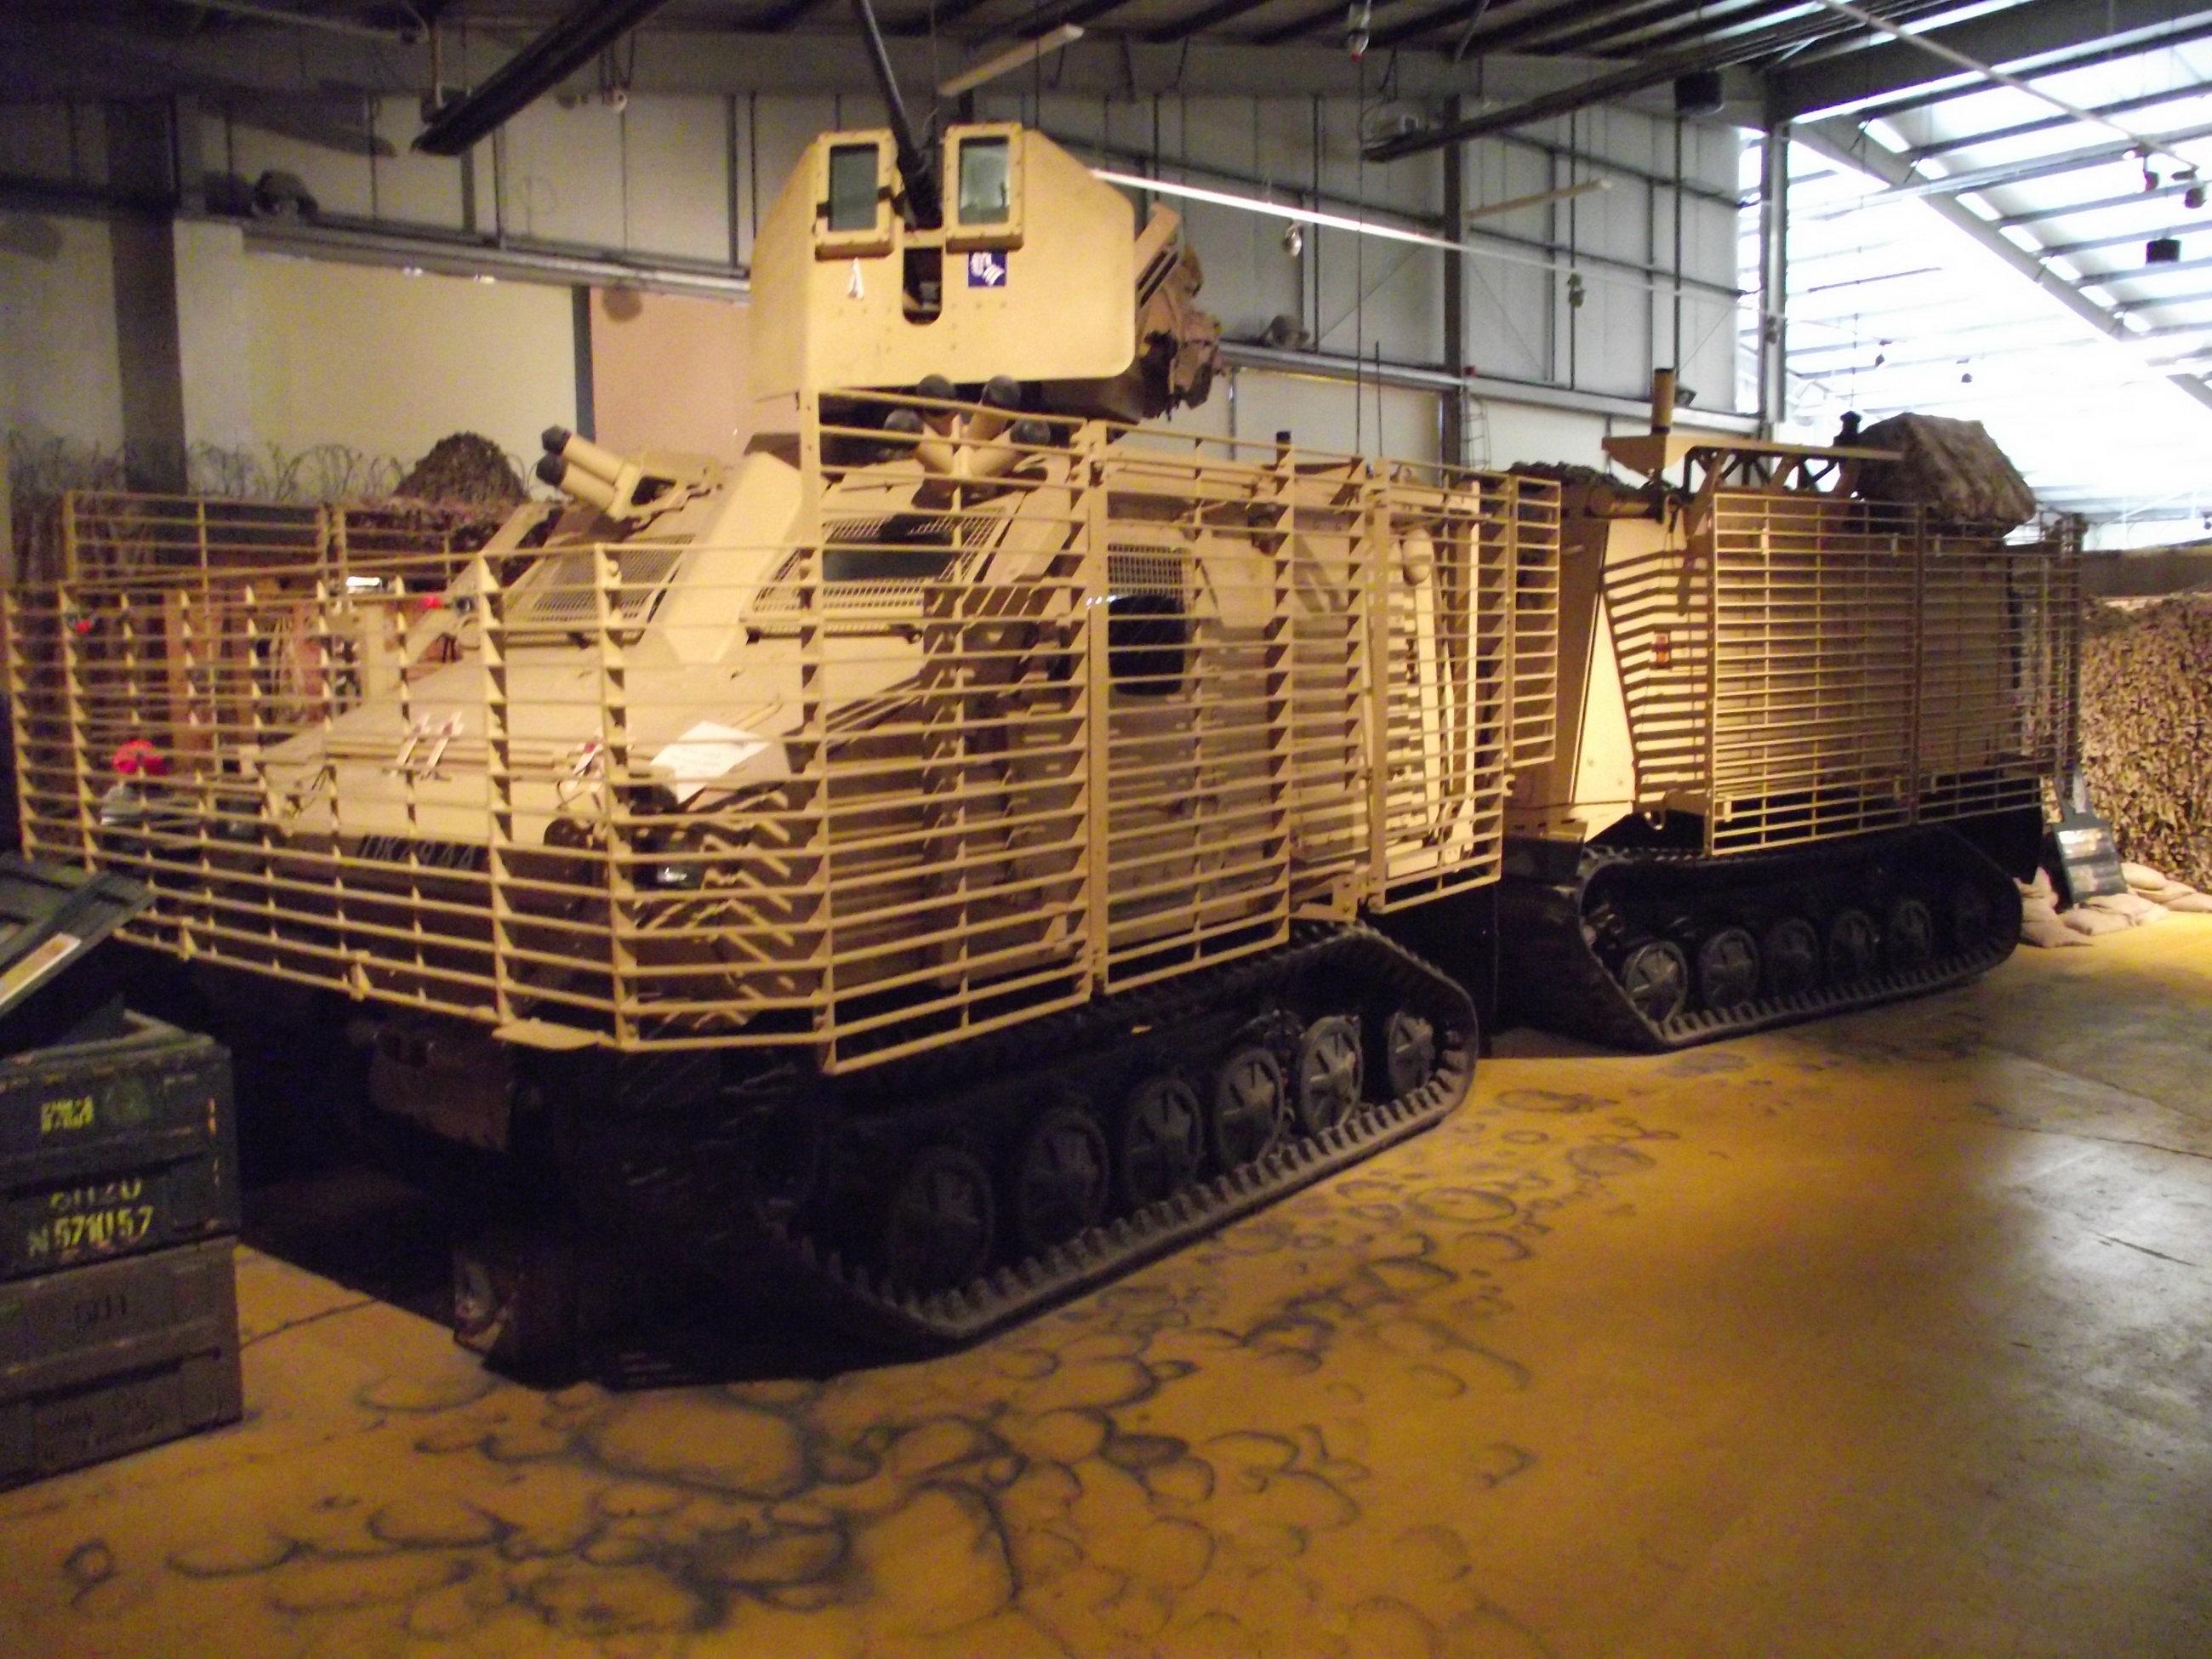 Tank_Museum_20180919_461.jpg